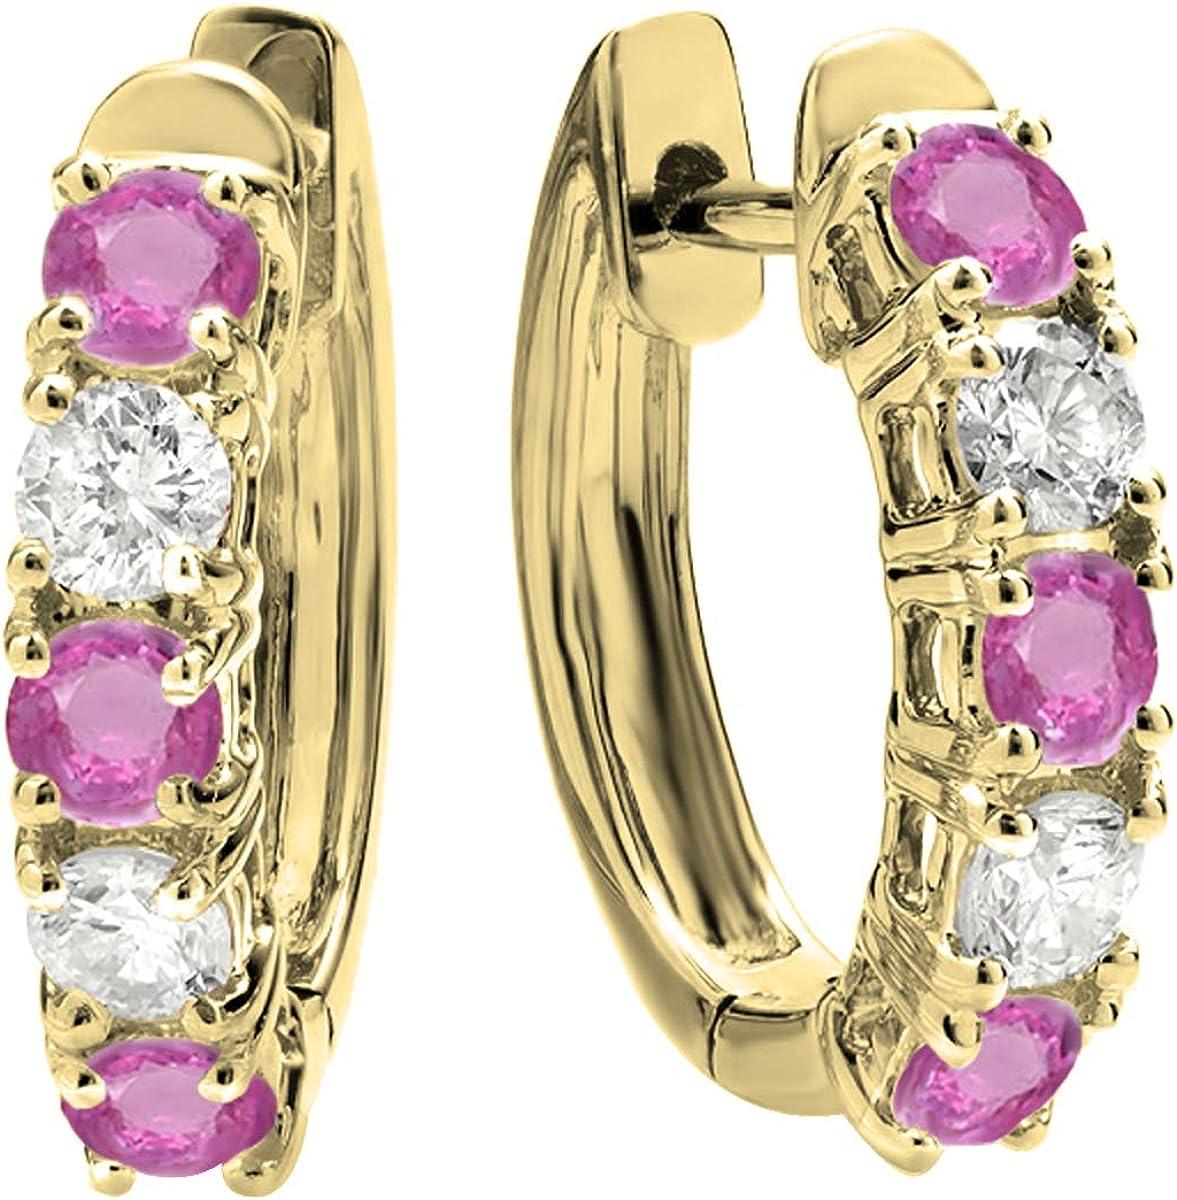 DazzlingRock Collection 18k oro amarillo ronda de zafiro rosa y diamantes mujer blancas pendientes de aro de huggies Zafiro Rosa Zafiro Rosa